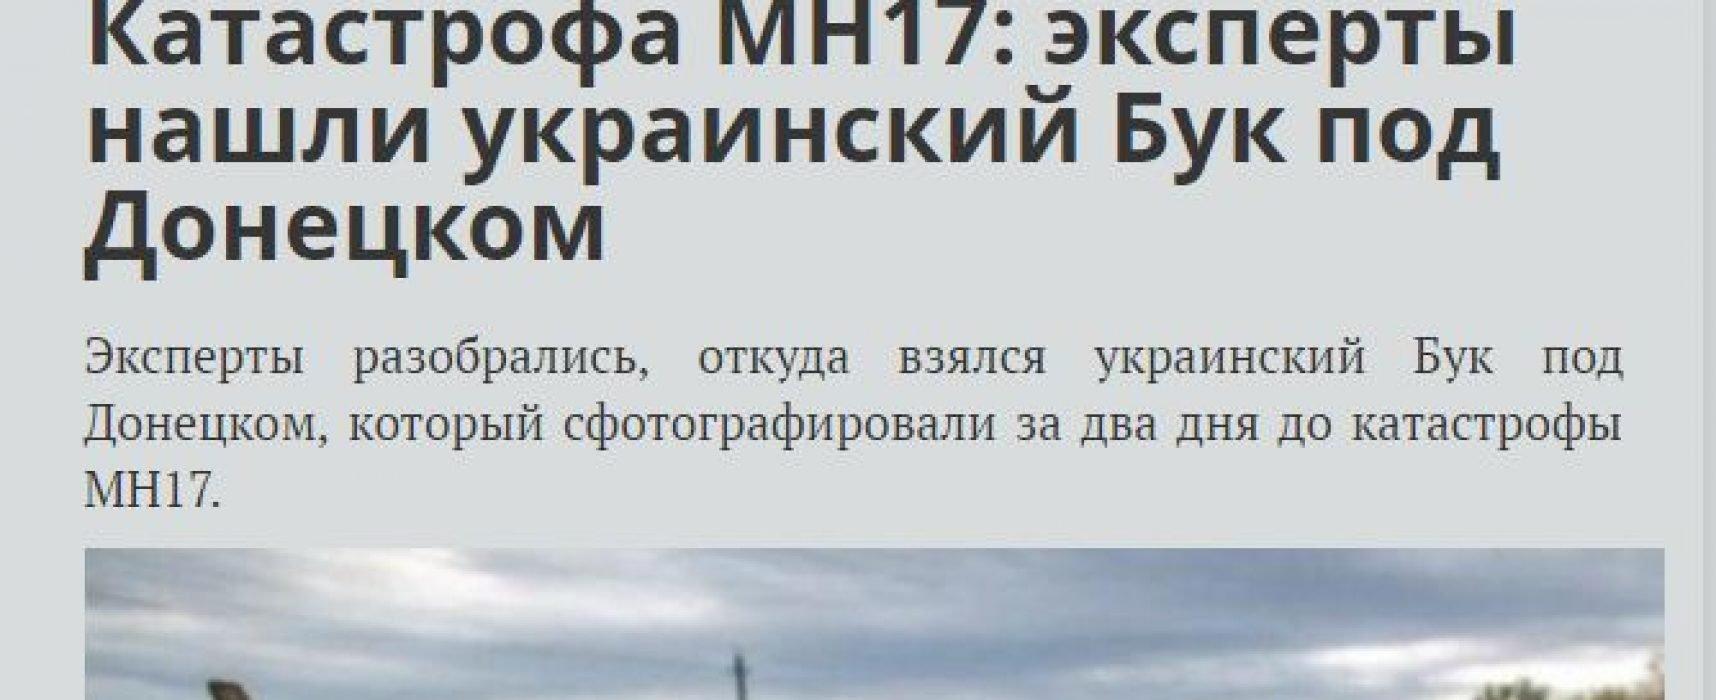 Фейк: експертите от Bellingcat намерили украински Бук близо до Донецк